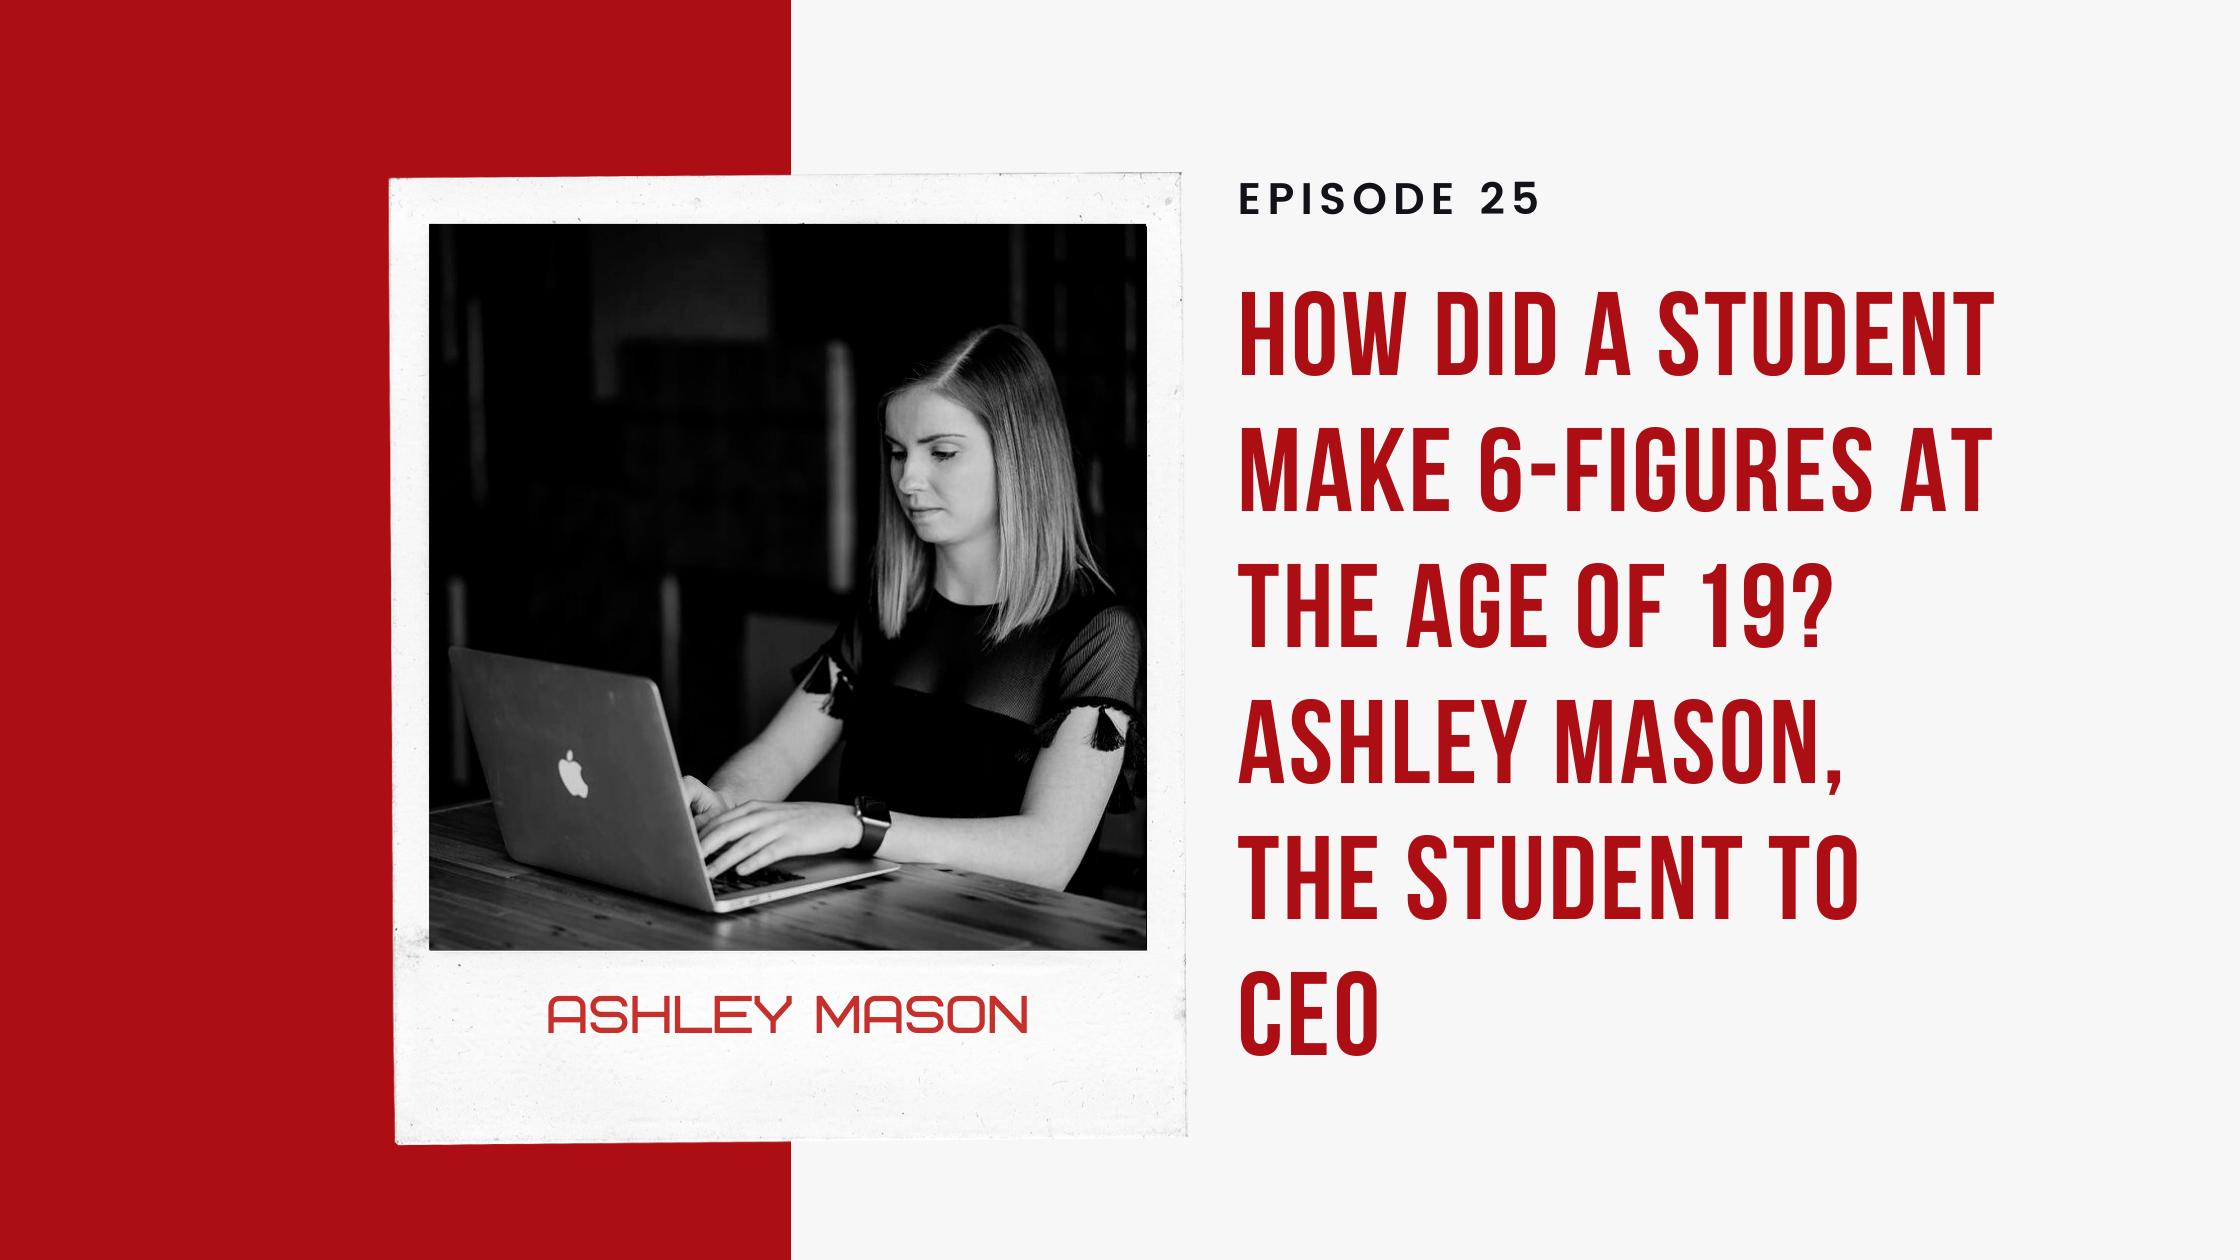 ep 25: Ashely mason